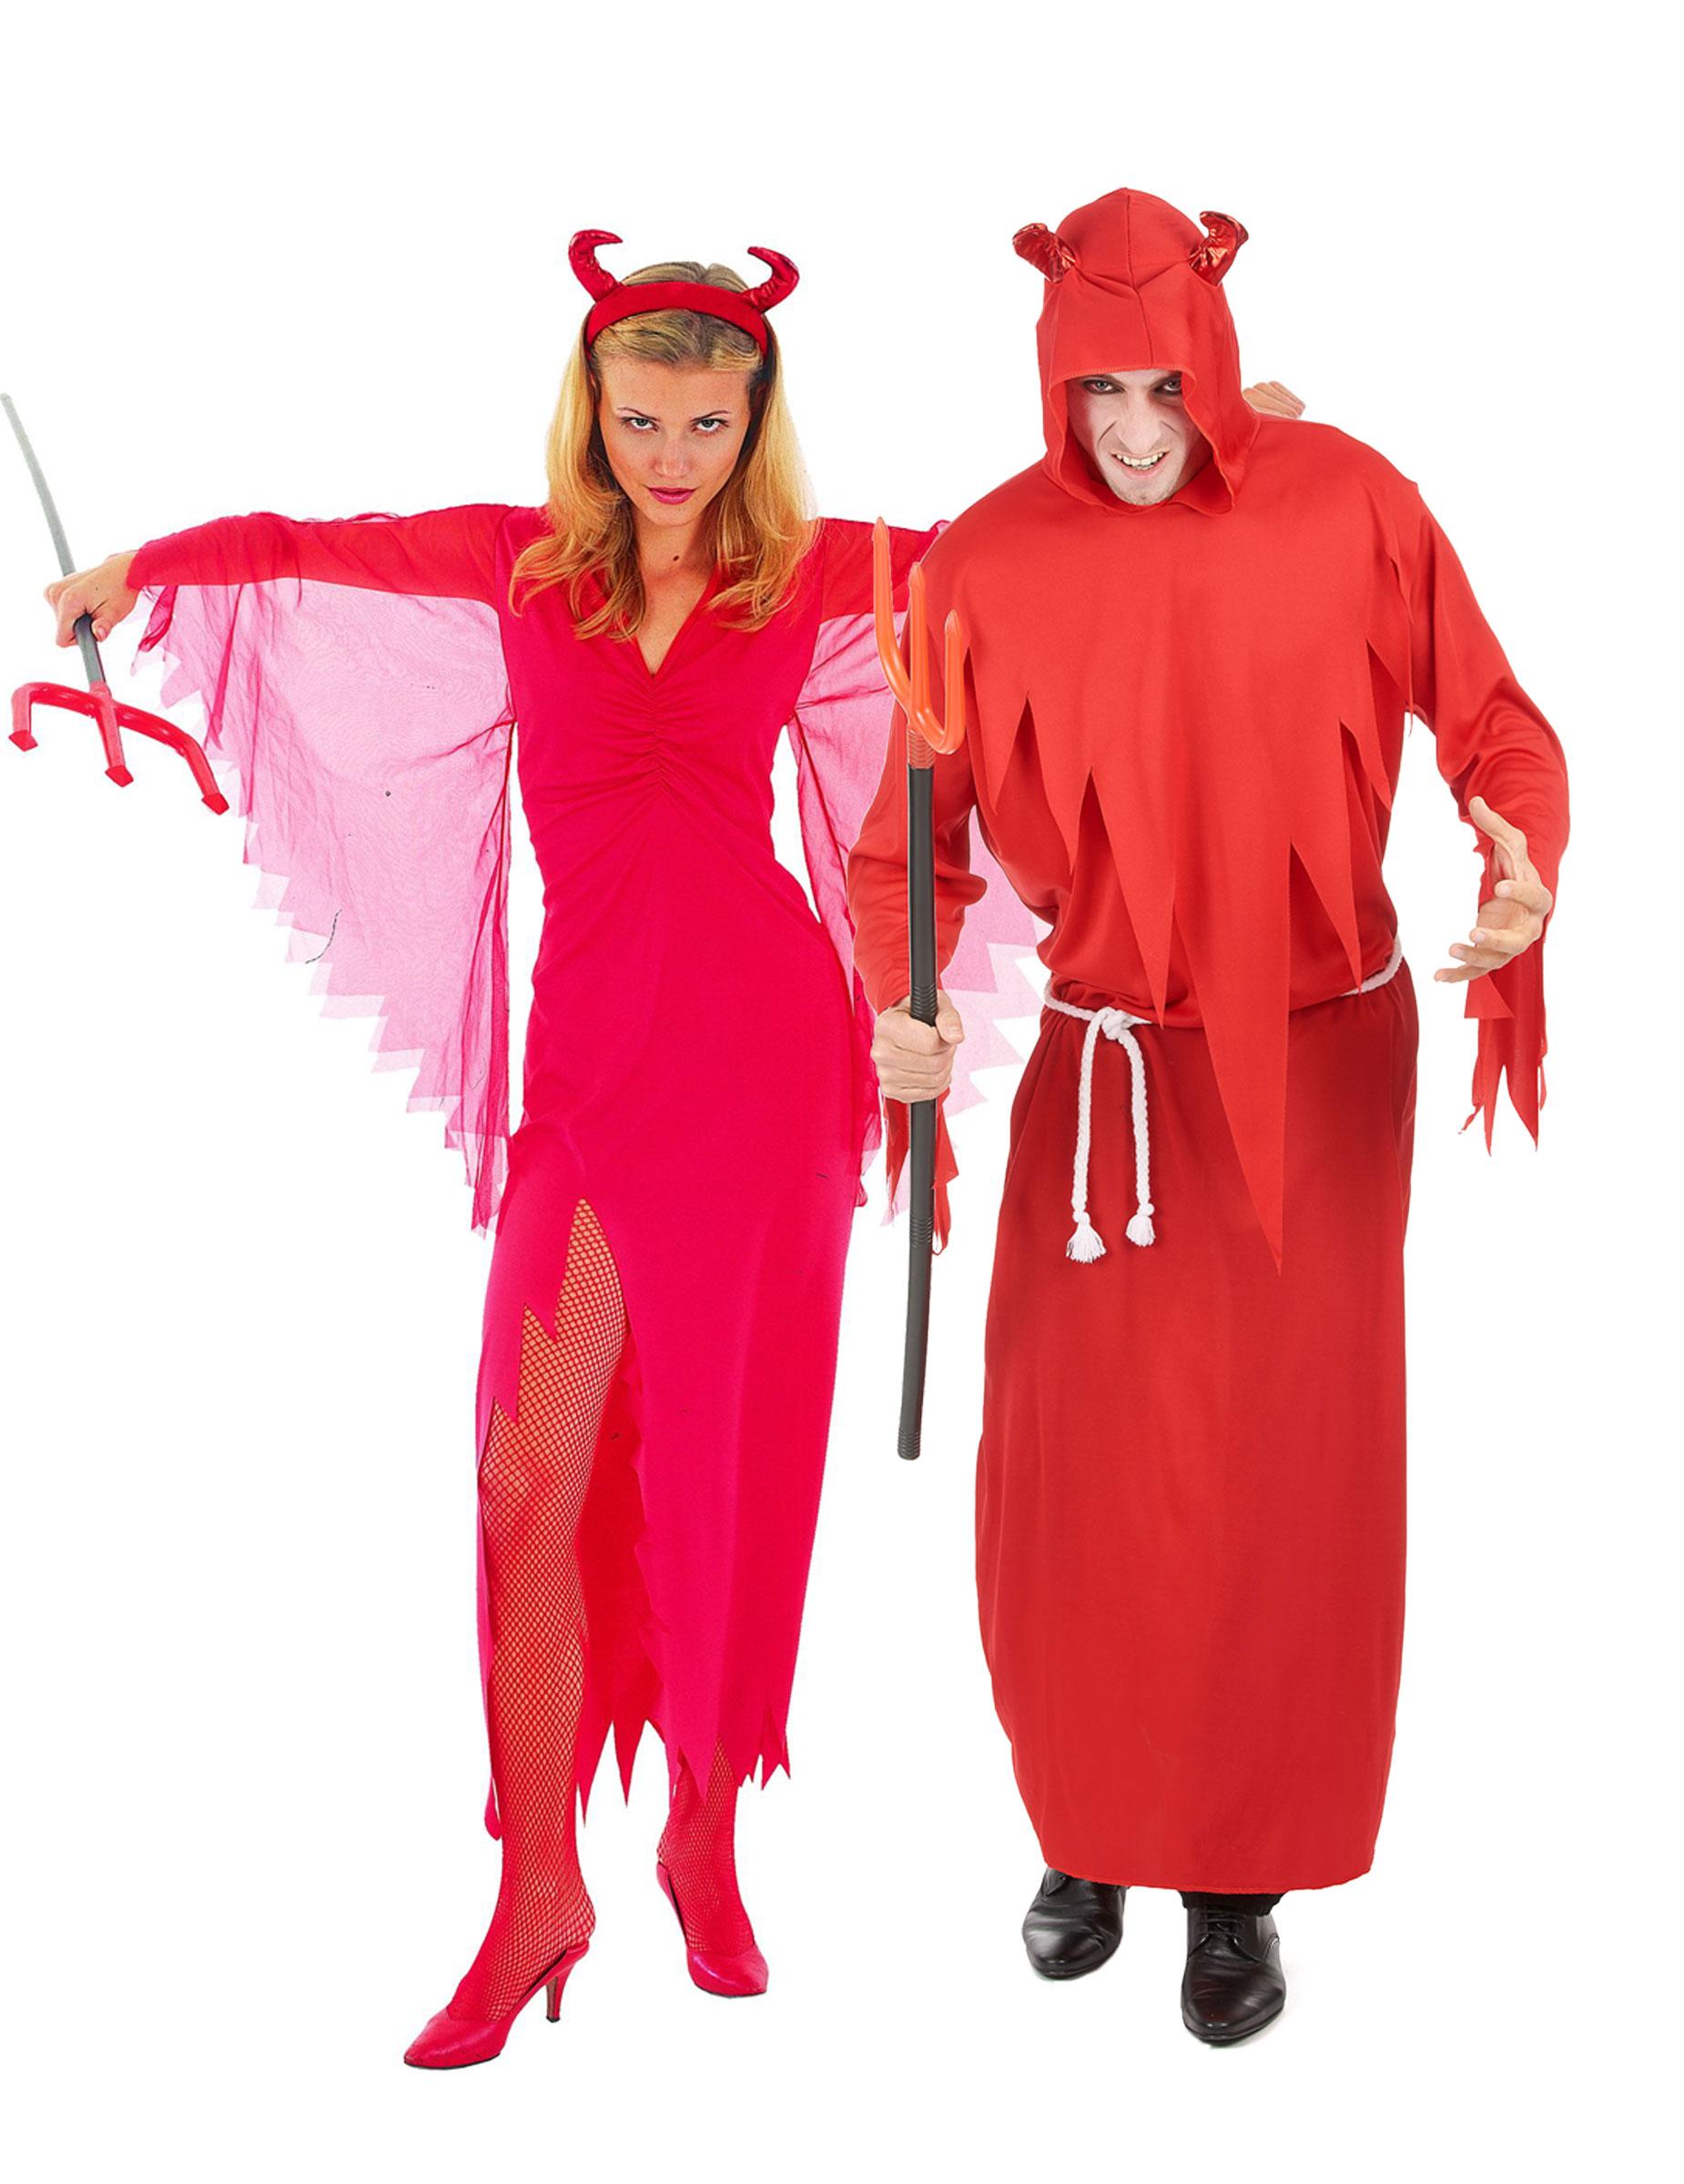 Disfraz de pareja diablo rojo Halloween: Disfraces parejas,y disfraces originales baratos Vegaoo